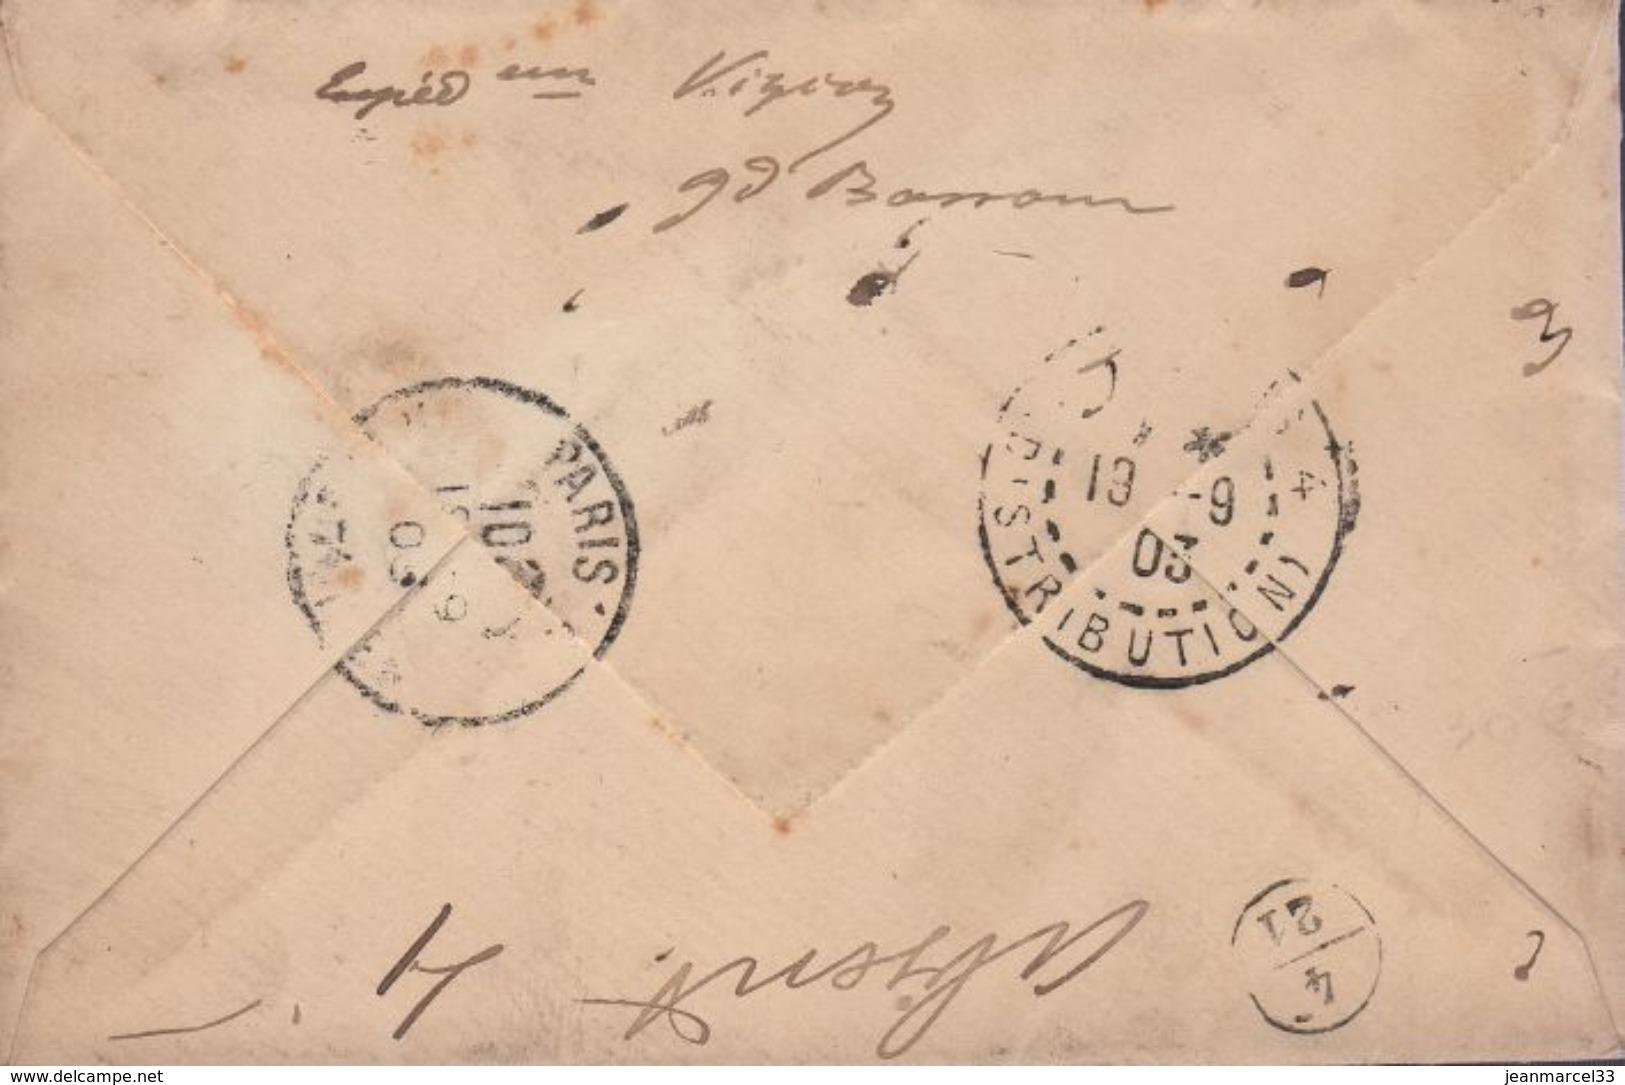 Enveloppe Recommandée Mouchon (125 Et 127) Cachet Manuel Loango A Bordeaux *L.L.N° 1 4 Sept 03 - Marcophilie (Lettres)